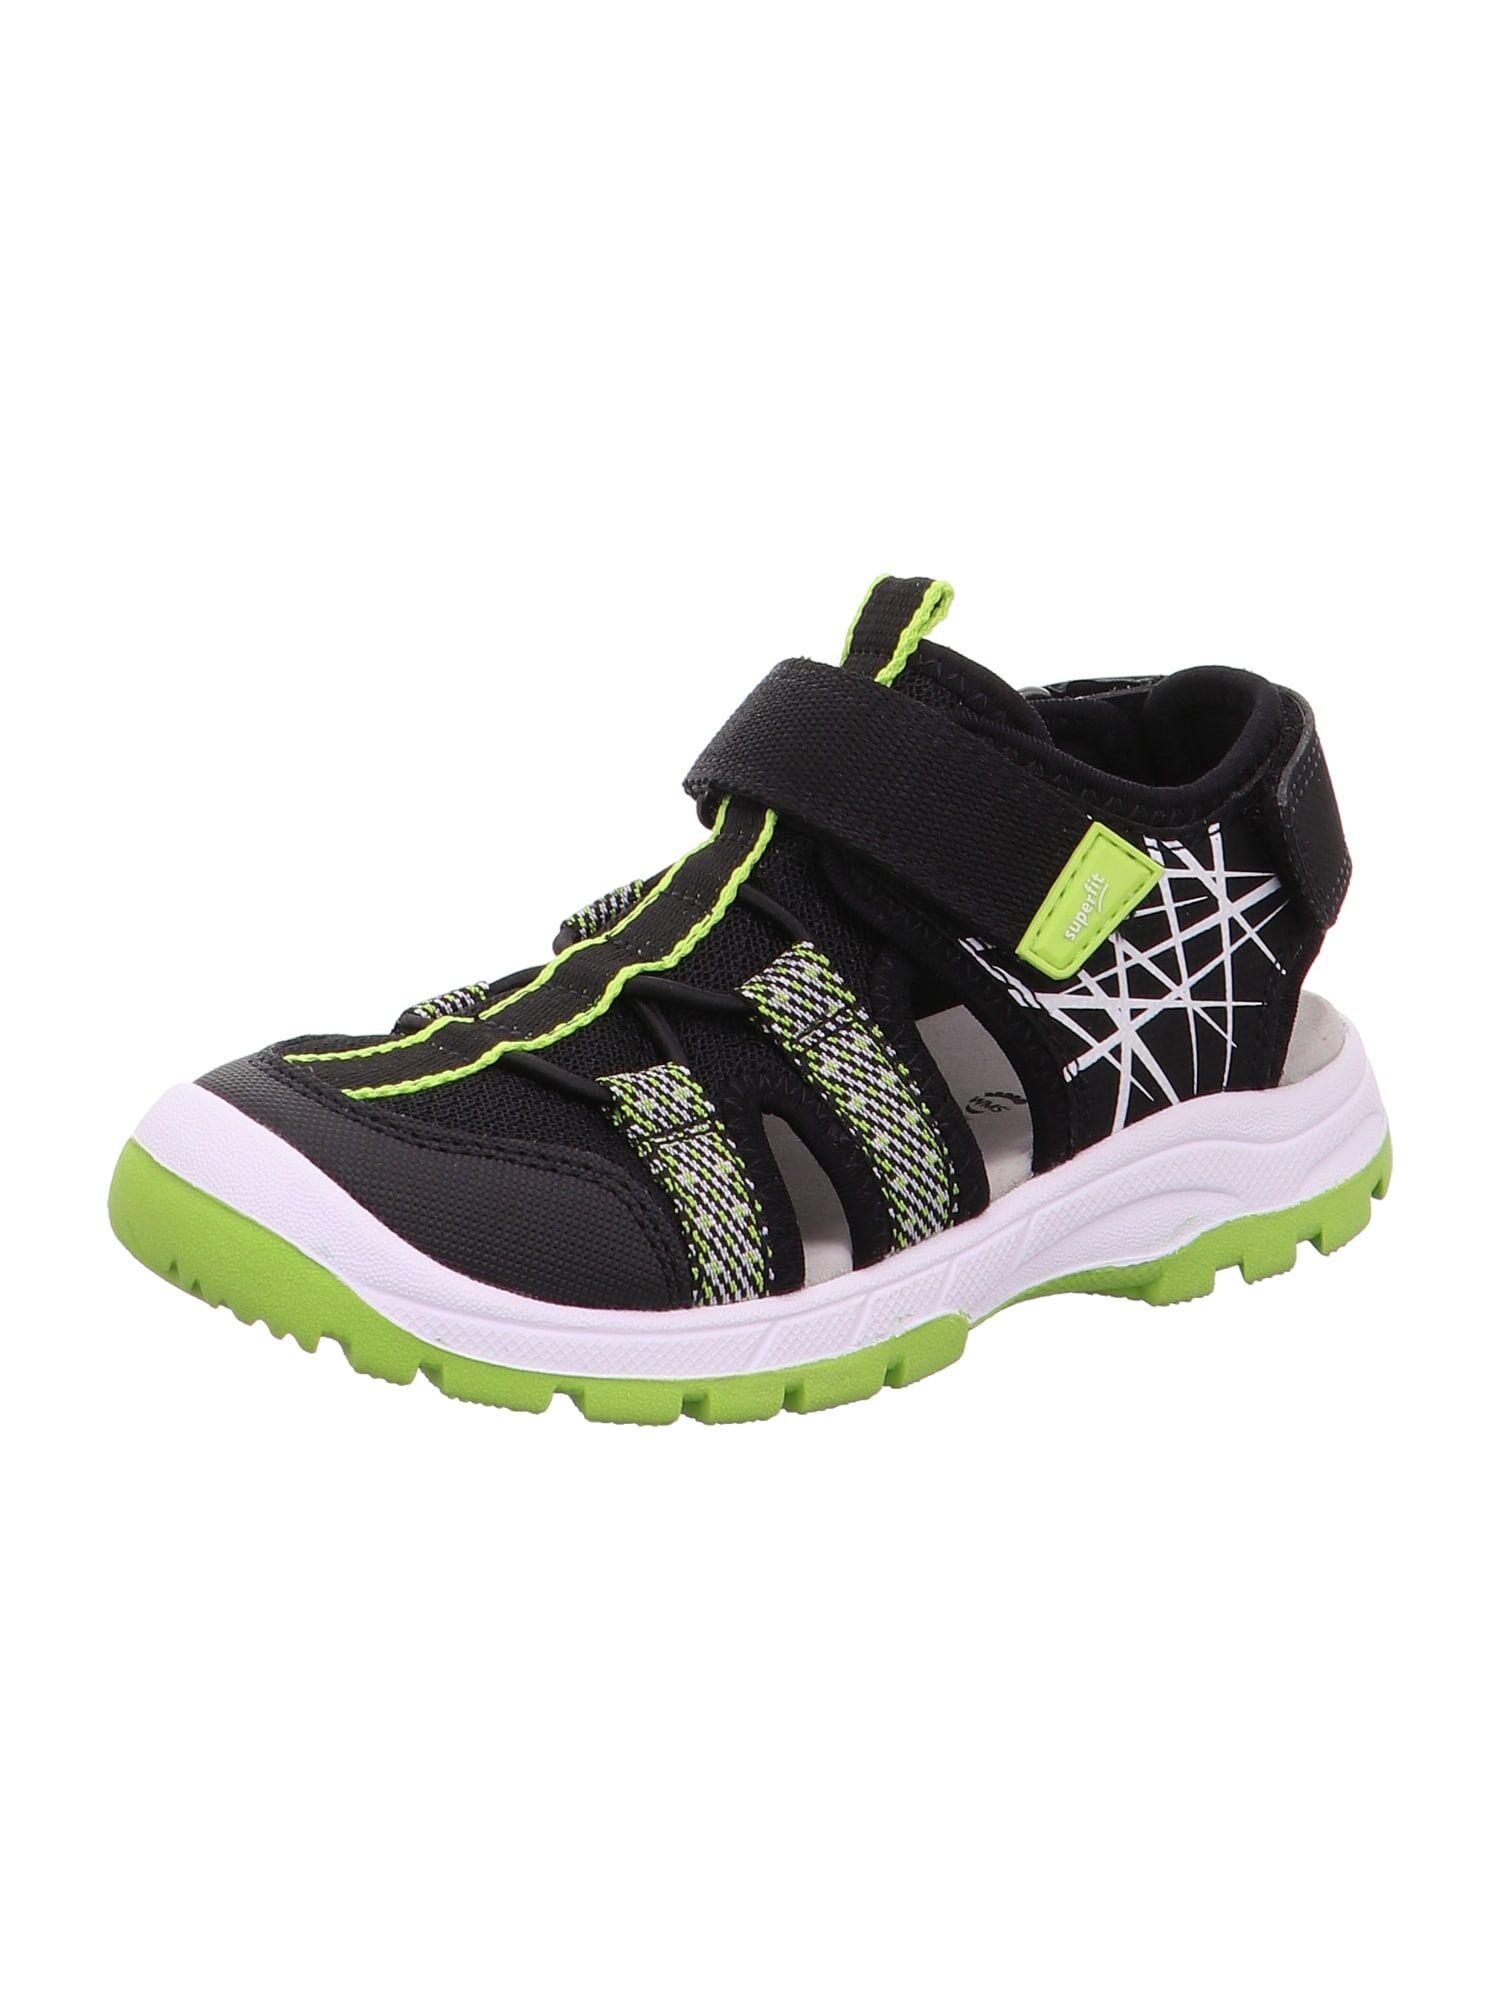 SUPERFIT Chaussures ouvertes 'TORNADO'  - Noir, Blanc - Taille: 38 - boy